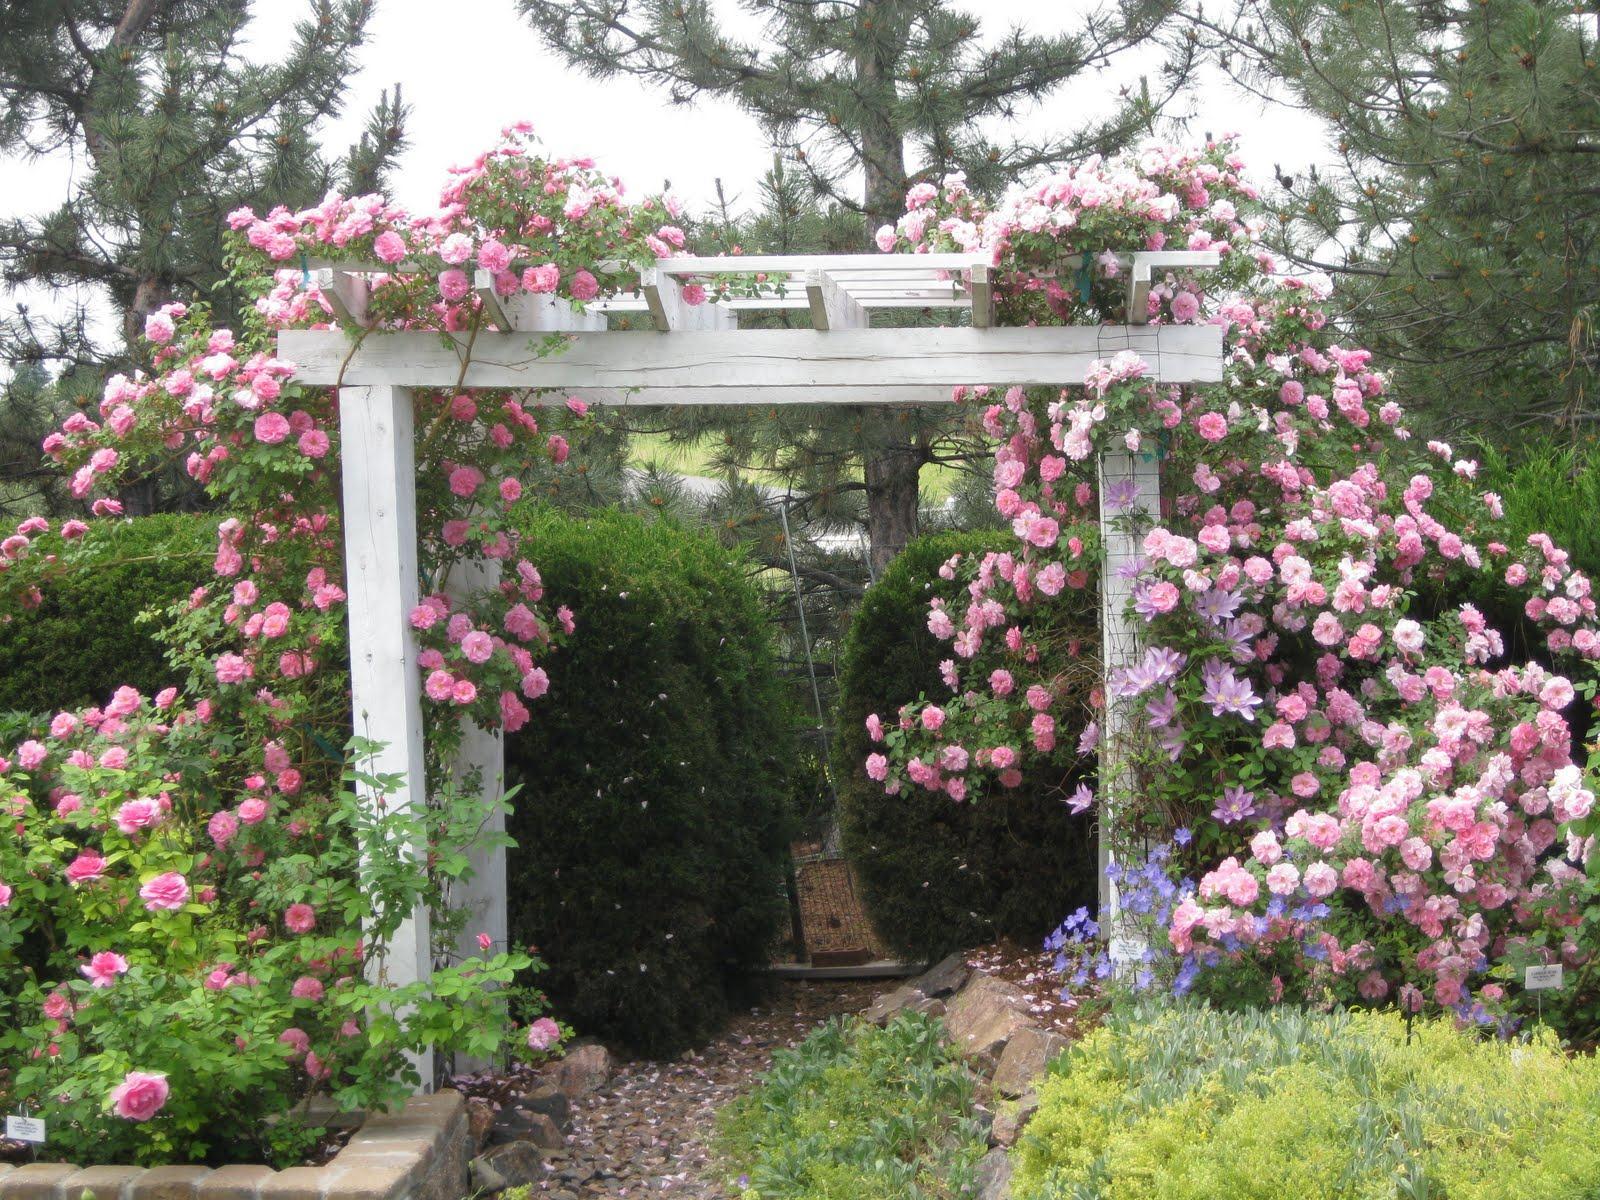 Переплетаясь, со временем вьющиеся розы разных сортов образуют единый пышный куст с цветами разного цвета и размера.